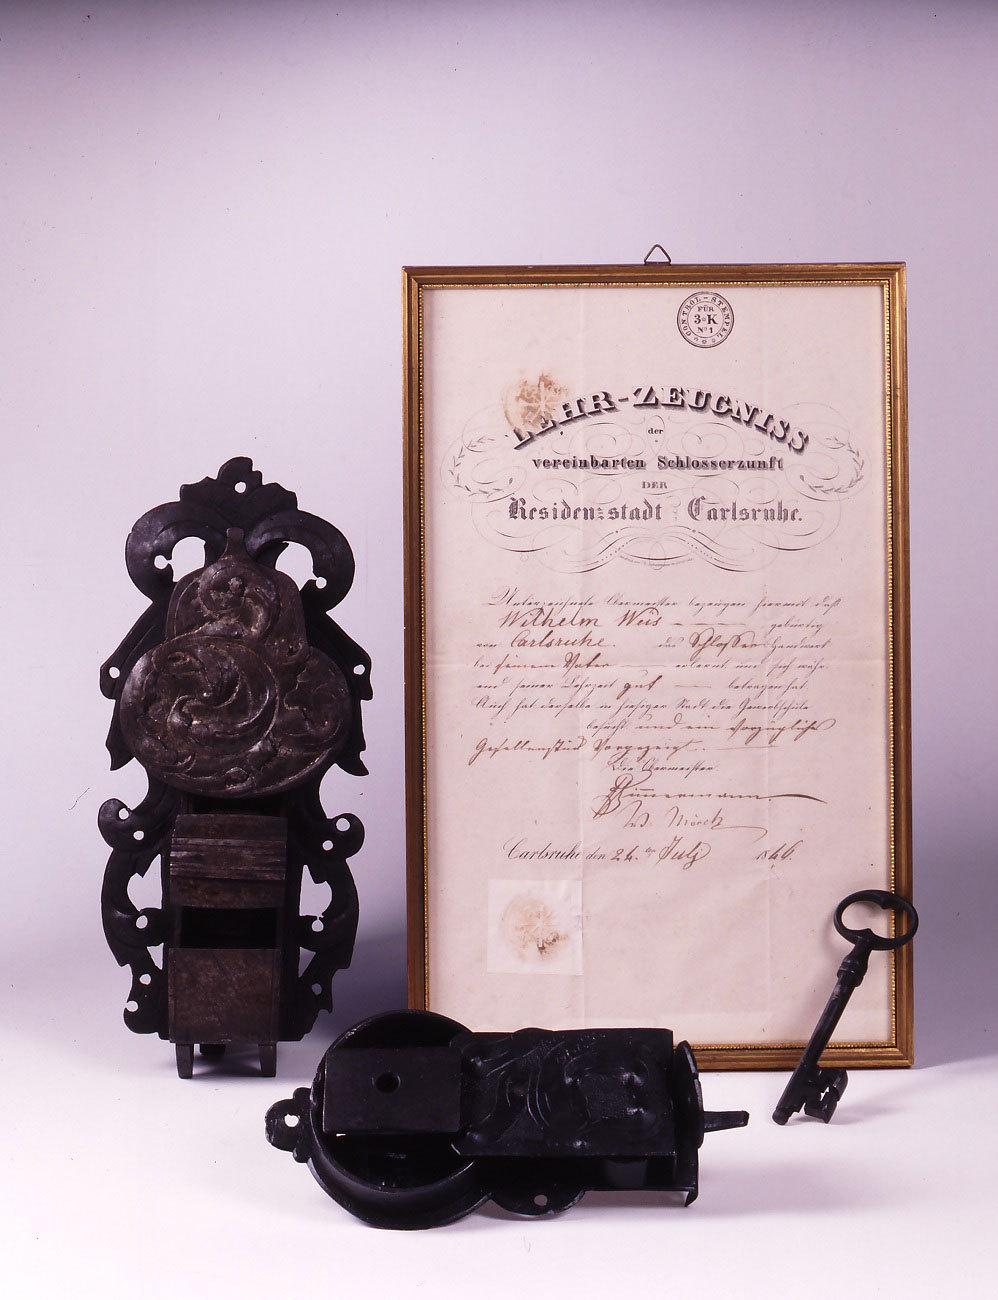 Schlösser und Lehrzeugnis von Wilhelm Weiß im Karlsruher Stadtmuseum, 1846